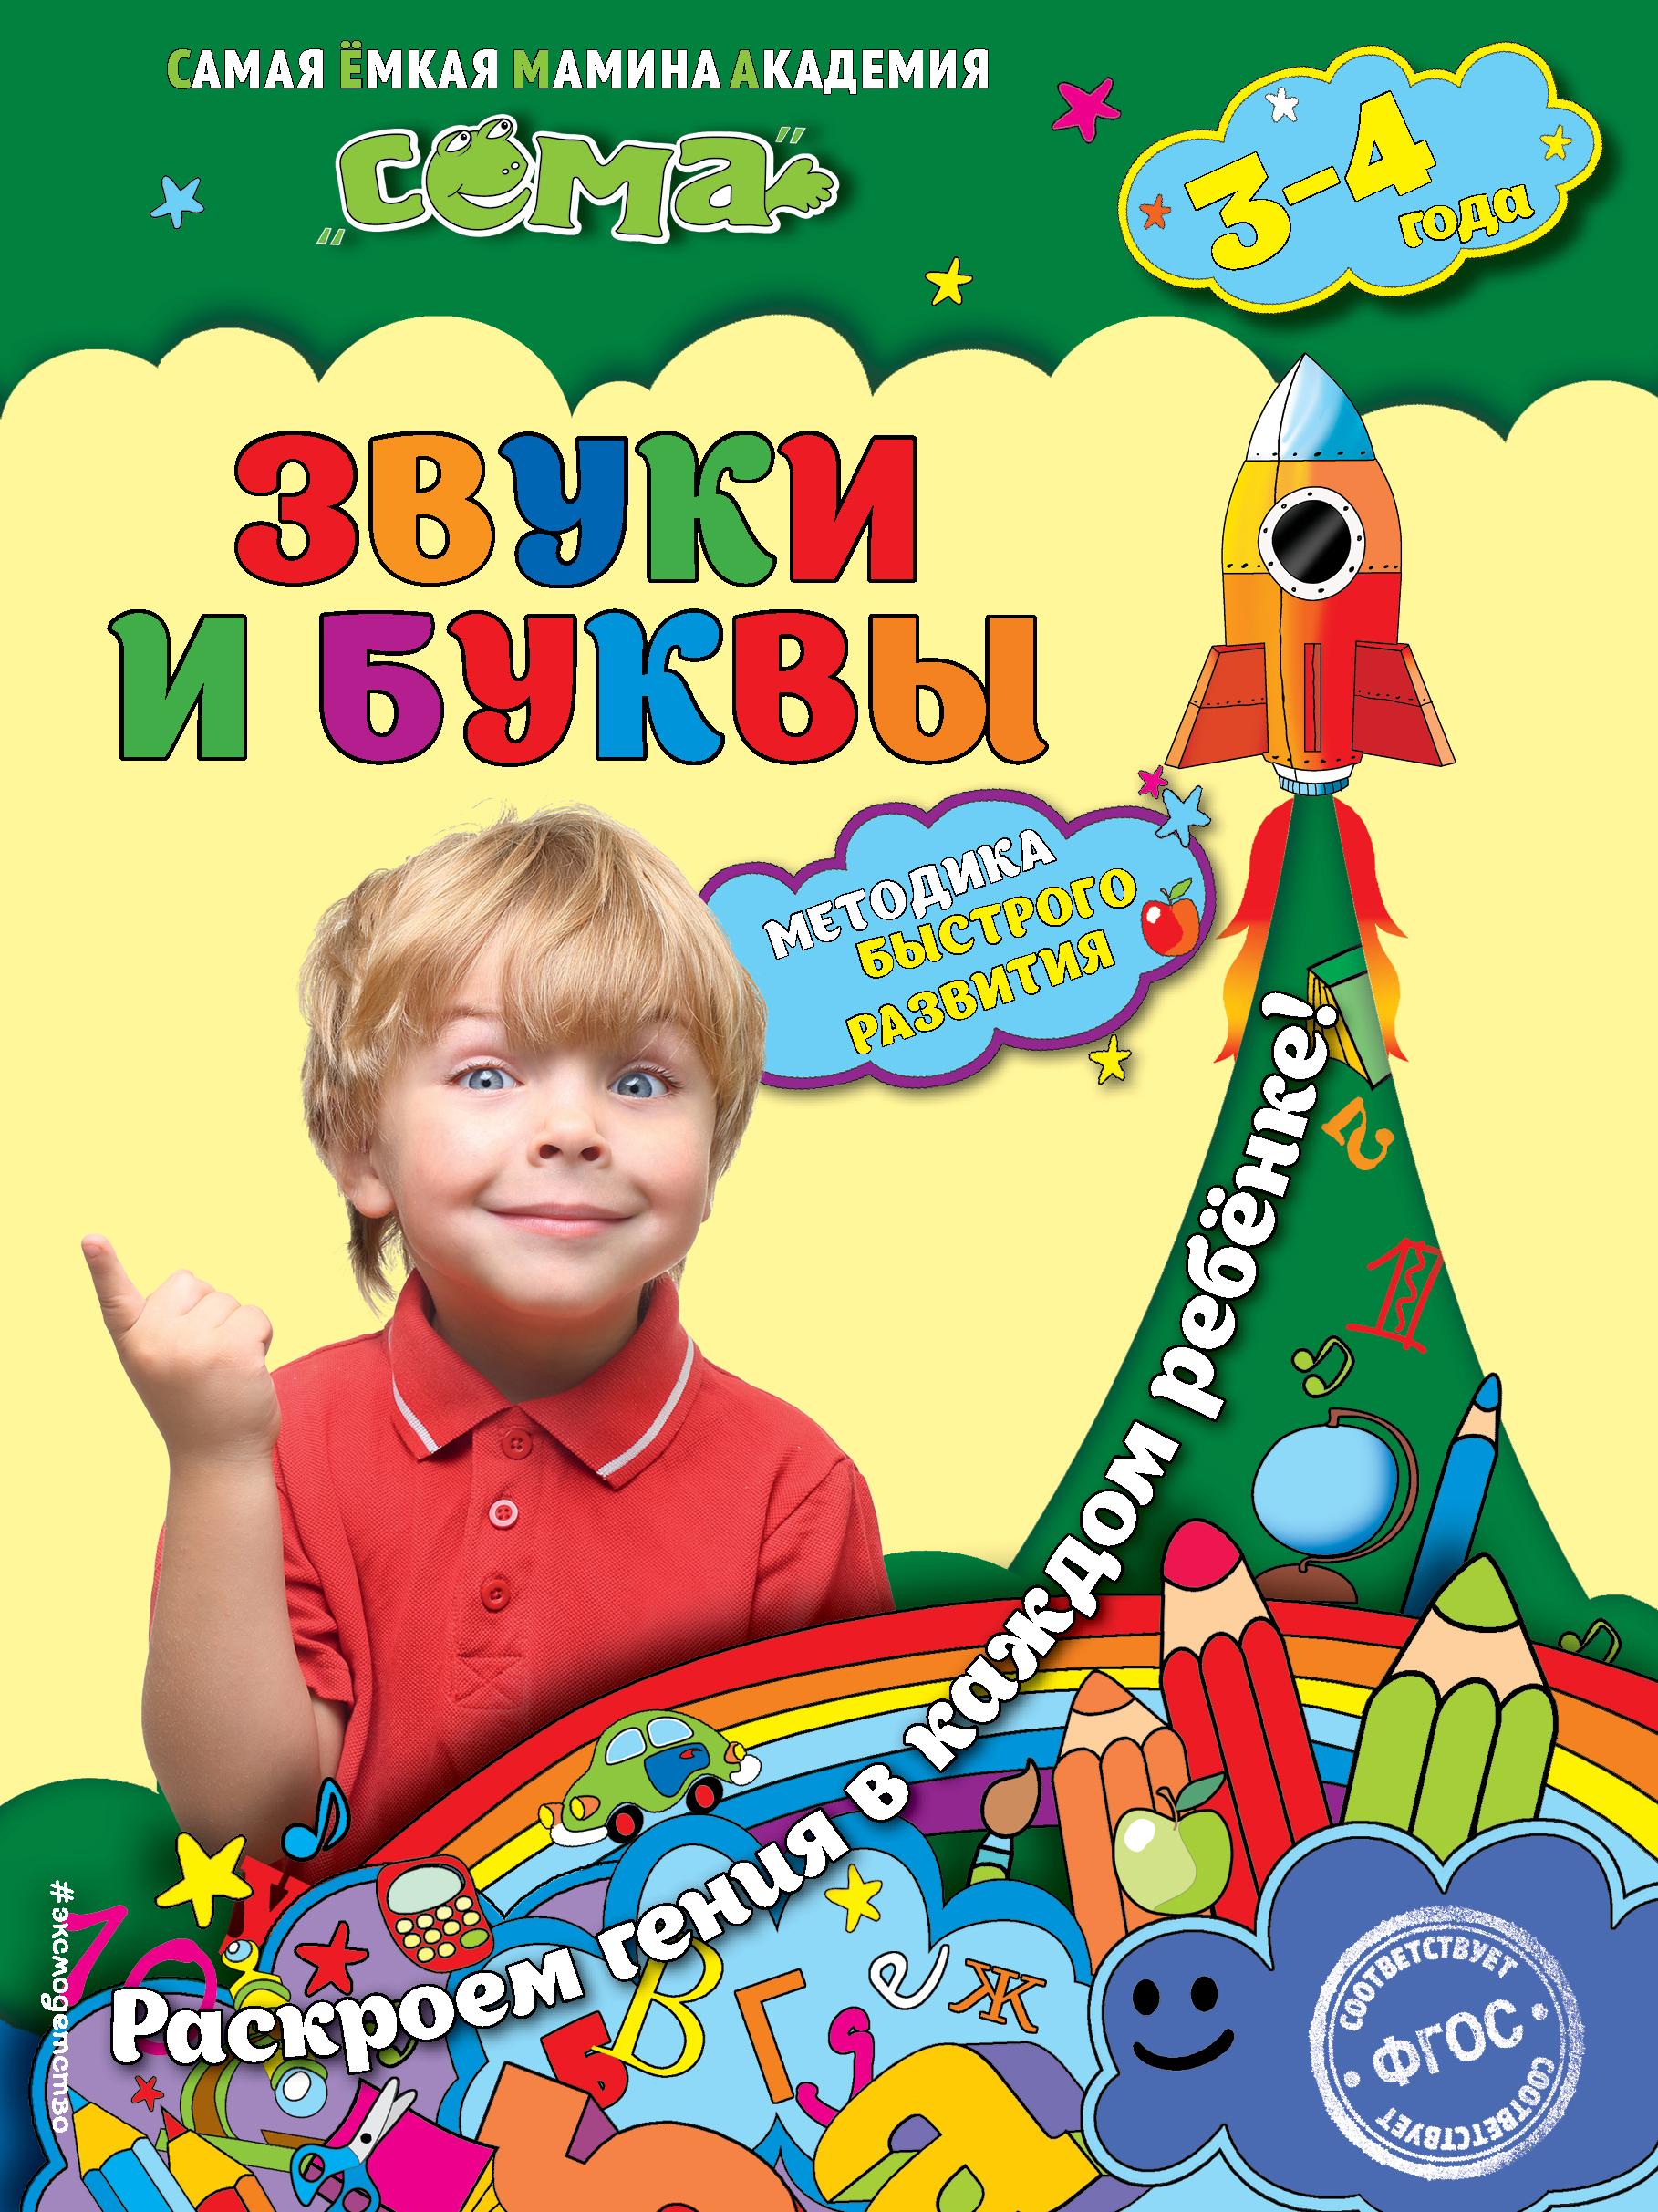 М.Н. Иванова, С.В. Липина Звуки и буквы: для детей 3-4 лет иванова м липина с звуки и буквы для детей 3 4 лет